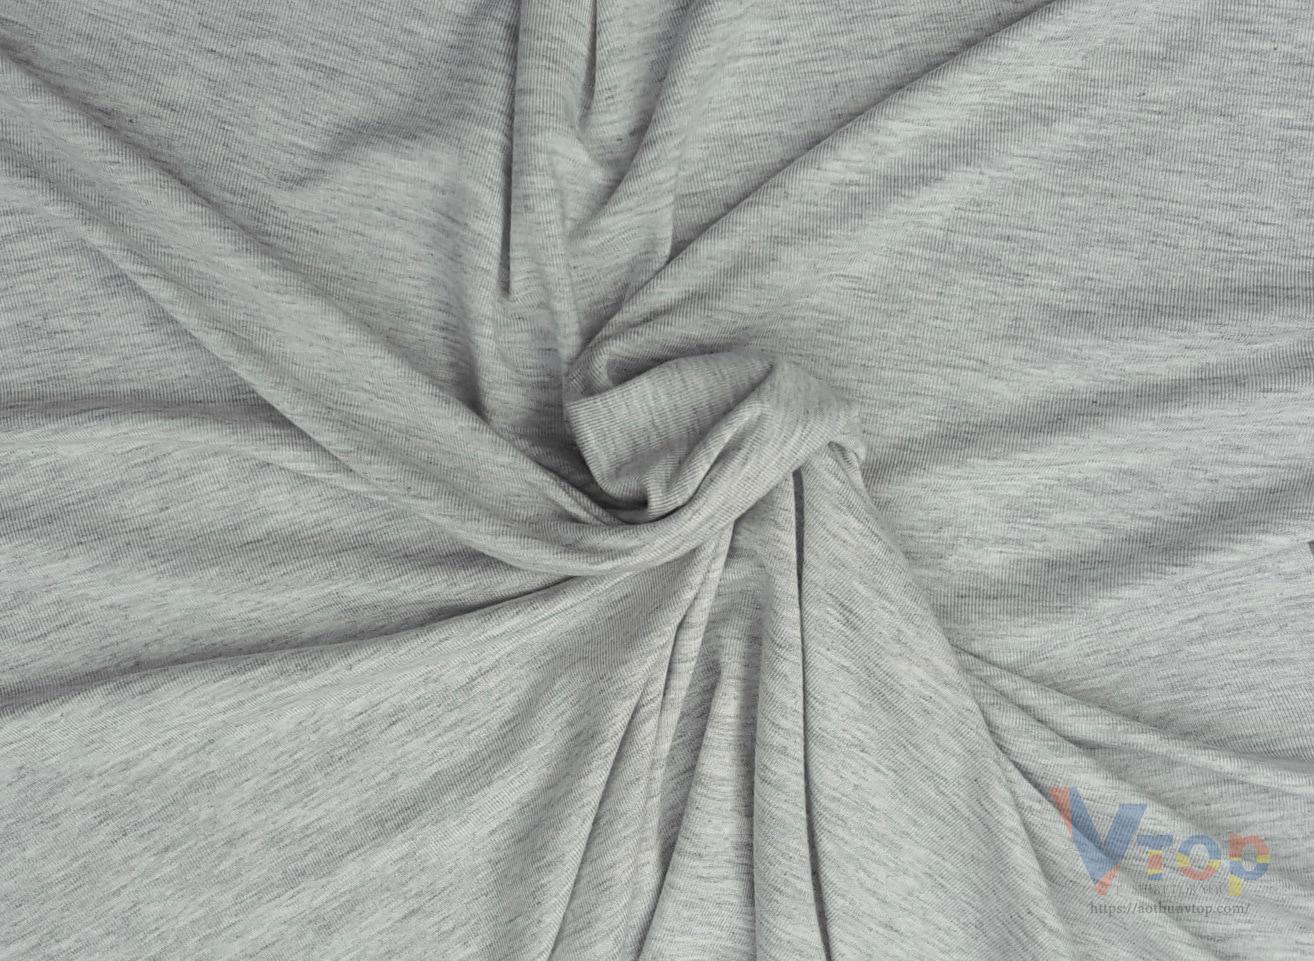 Chất liệu vải thun cotton là gì?